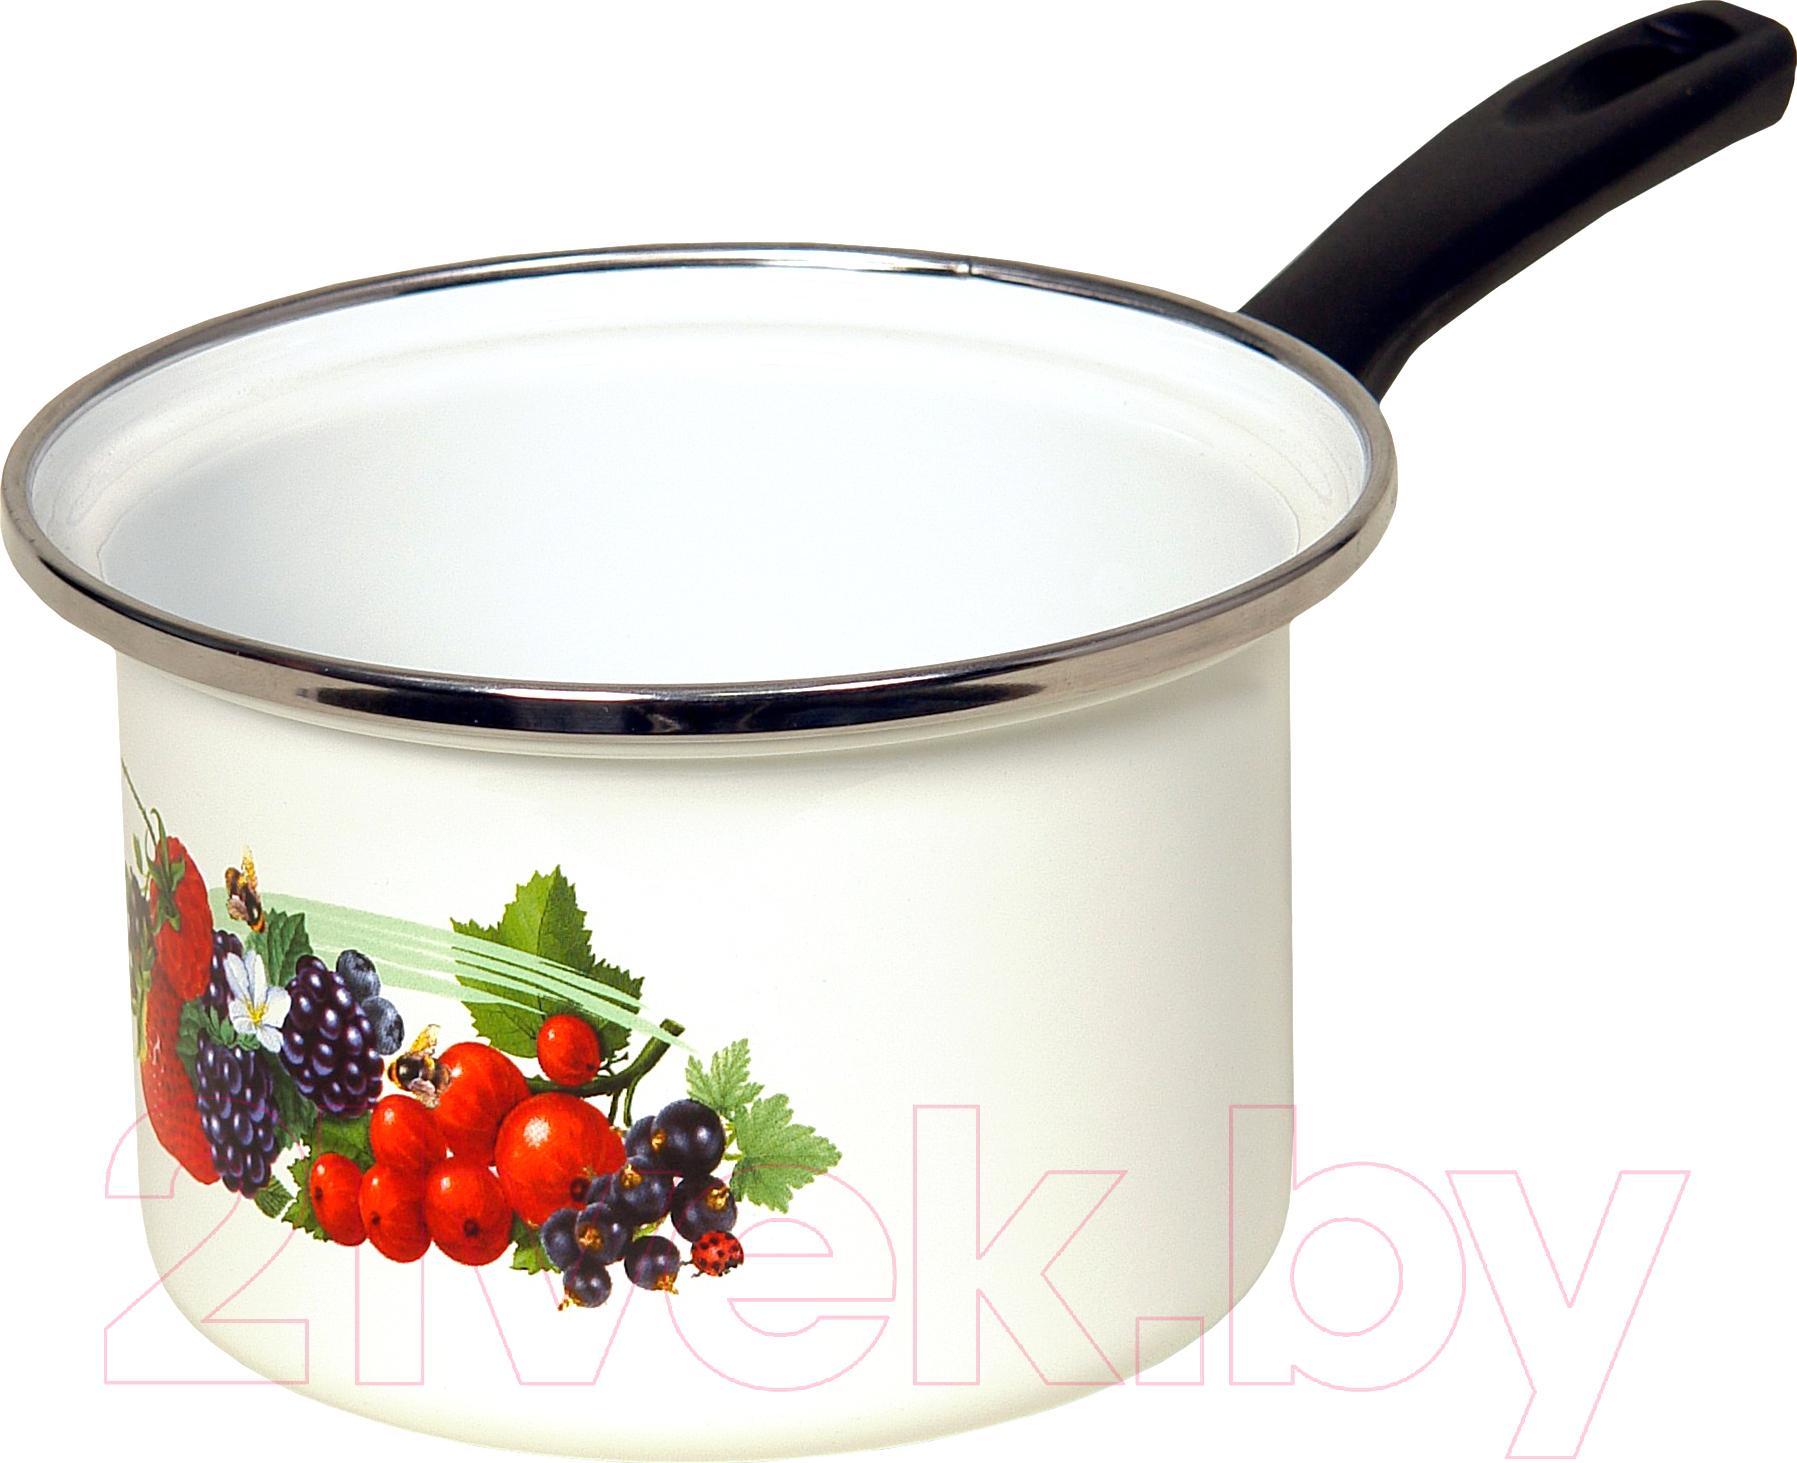 Купить Ковш Сантэкс, Ягоды 1-4410400 (белый), Украина